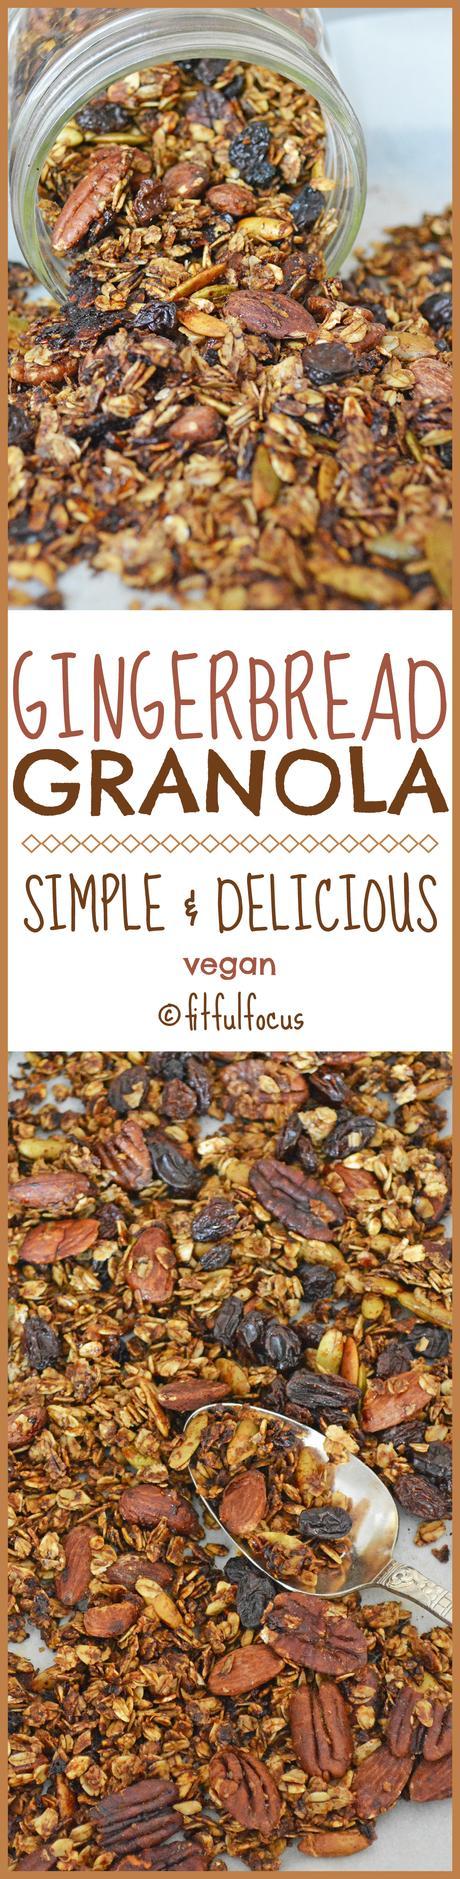 Gingerbread Granola (vegan)